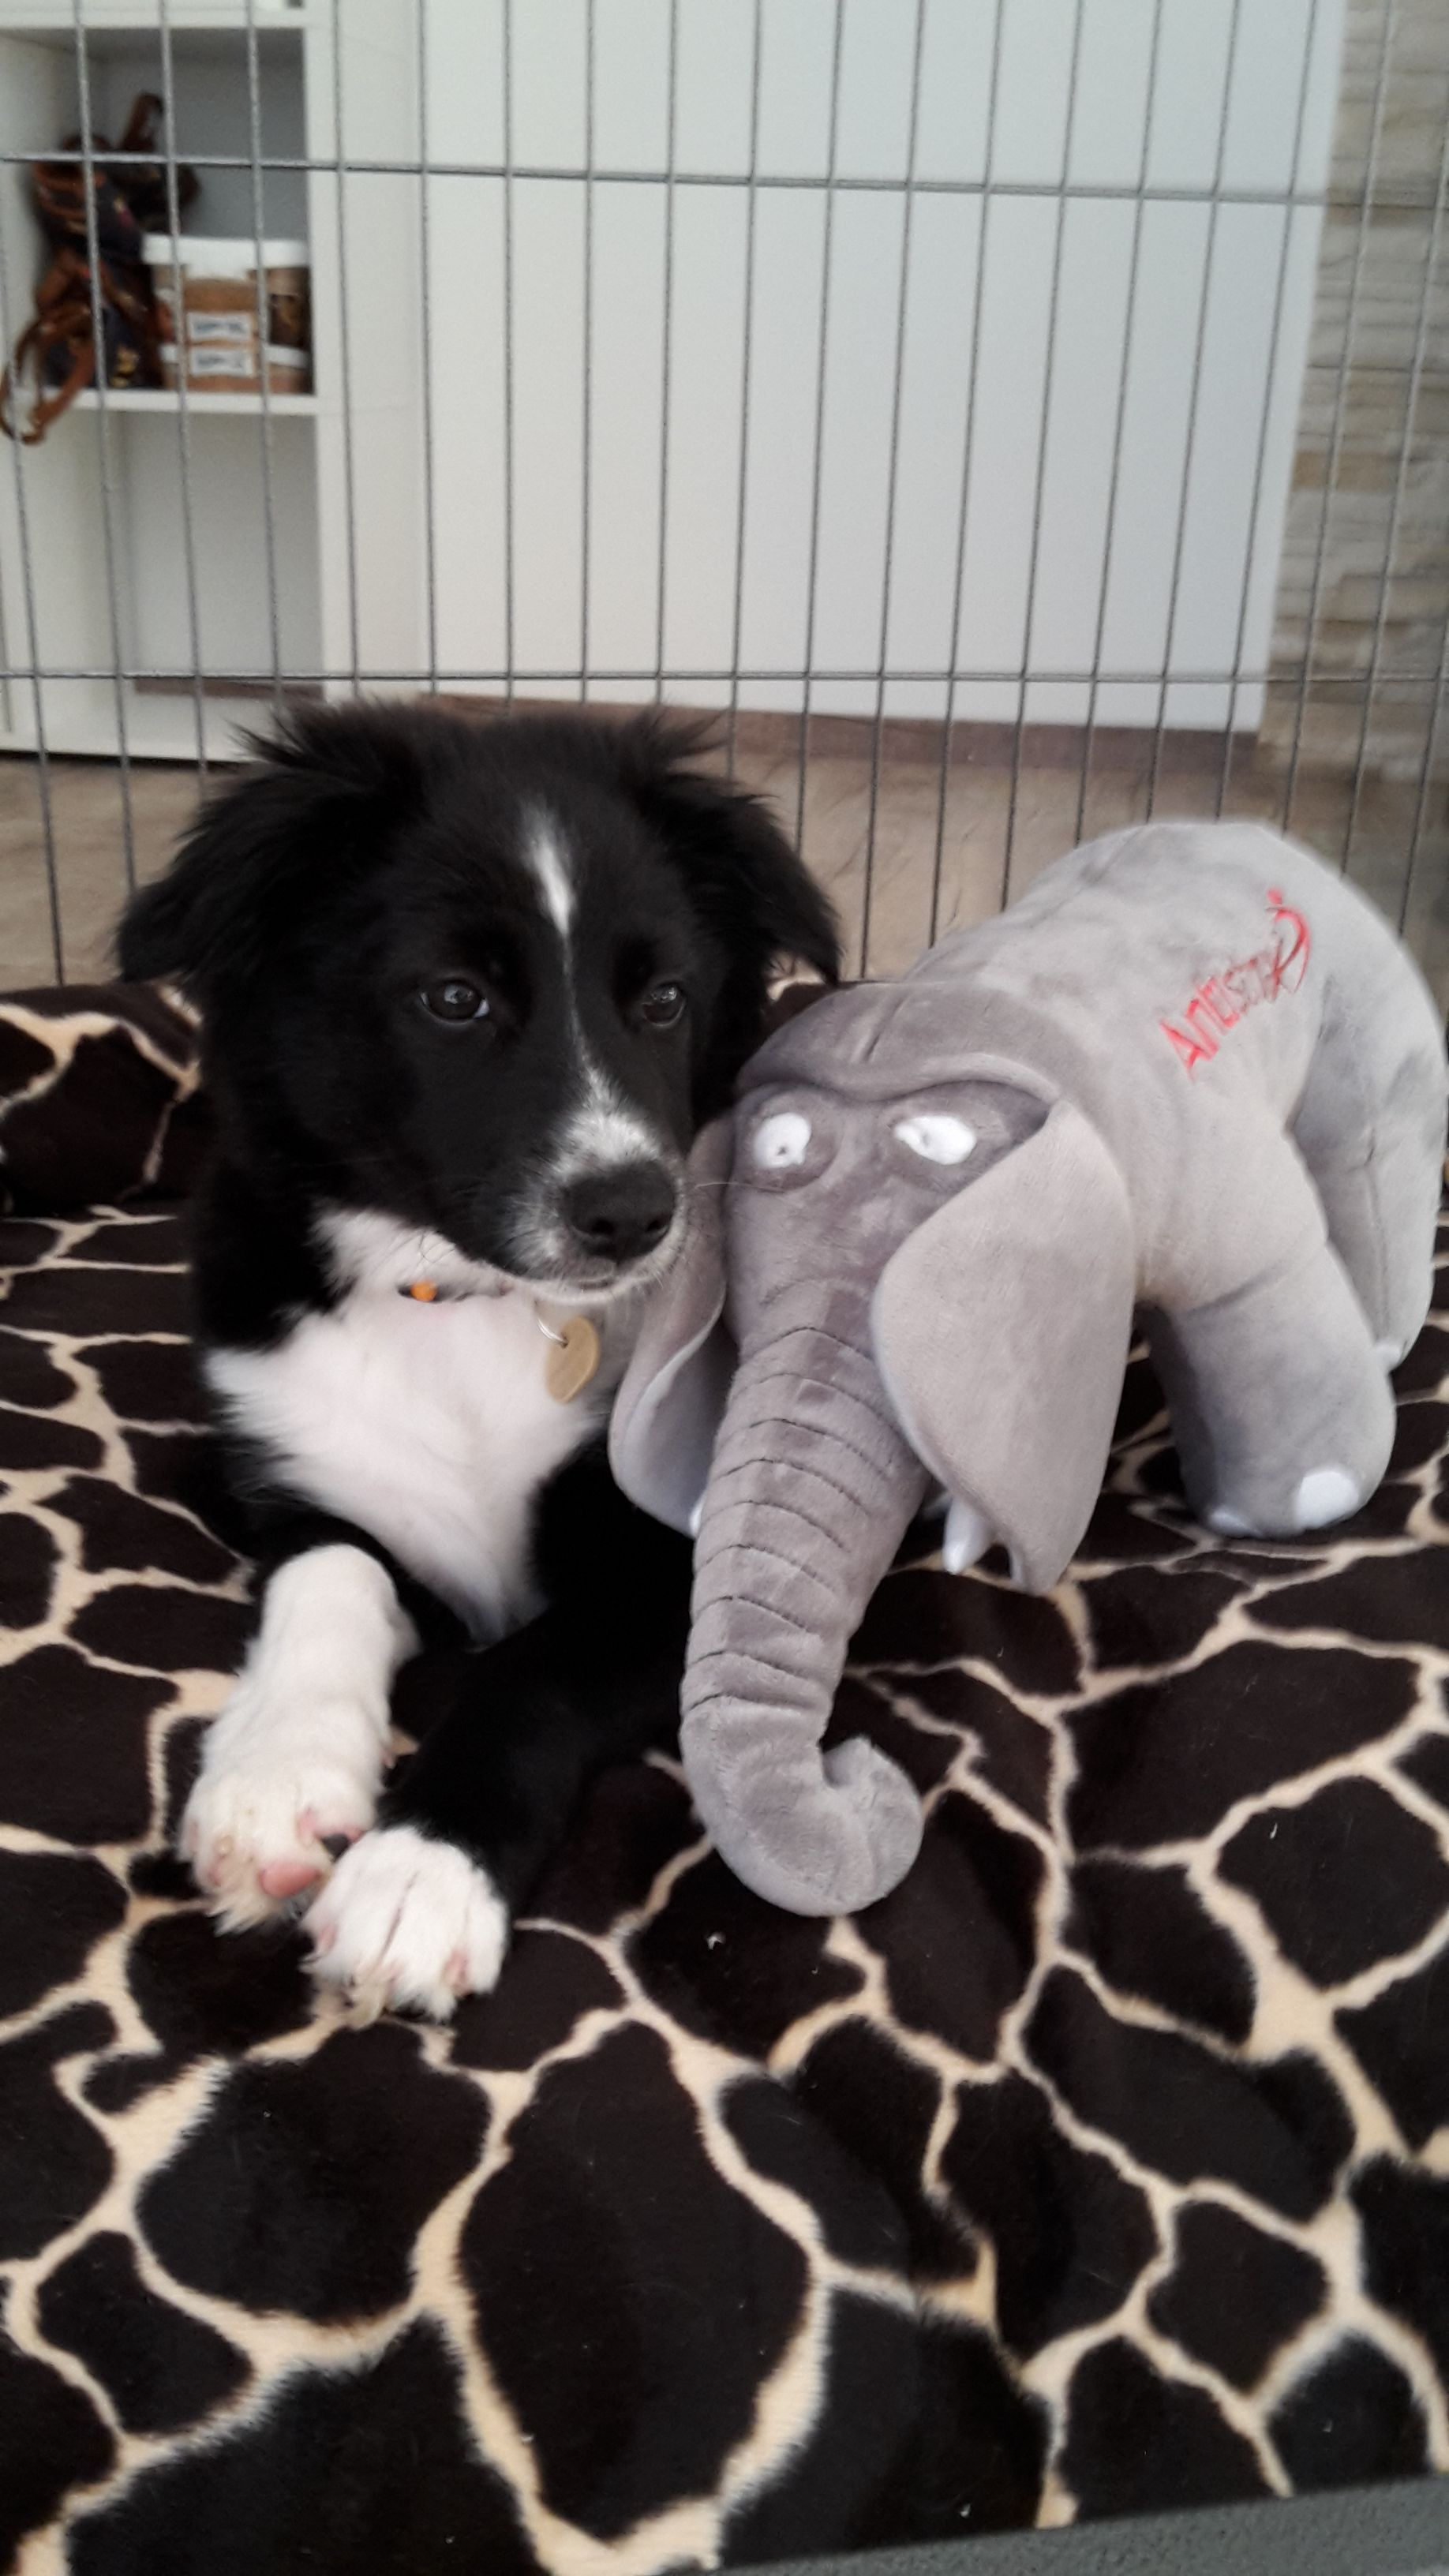 Hunde Foto: Julia und Akira - Fanti der Freund Hier Dein Bild hochladen: http://ichliebehunde.com/hund-des-tages  #hund #hunde #hundebild #hundebilder #dog #dogs #dogfun  #dogpic #dogpictures